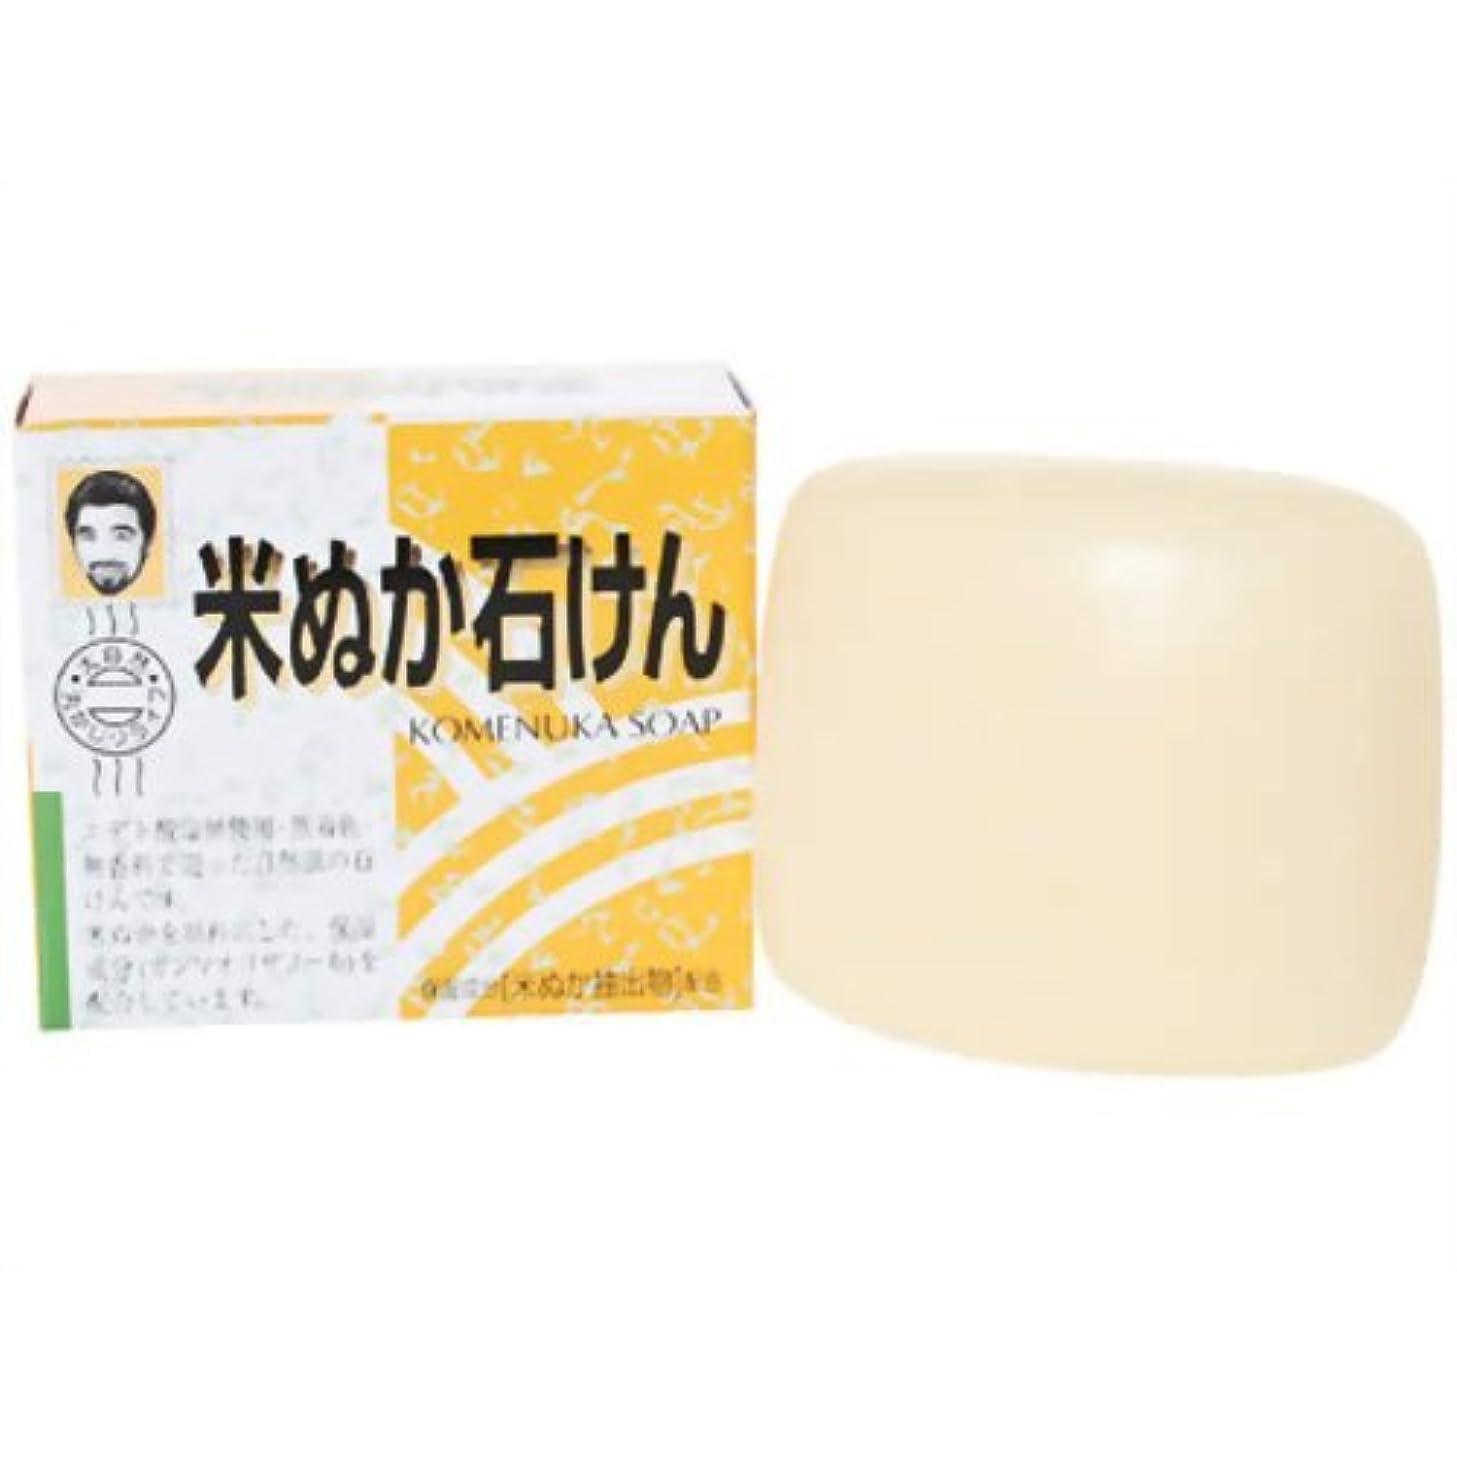 繊細グローブシリング米ぬか石鹸 80g